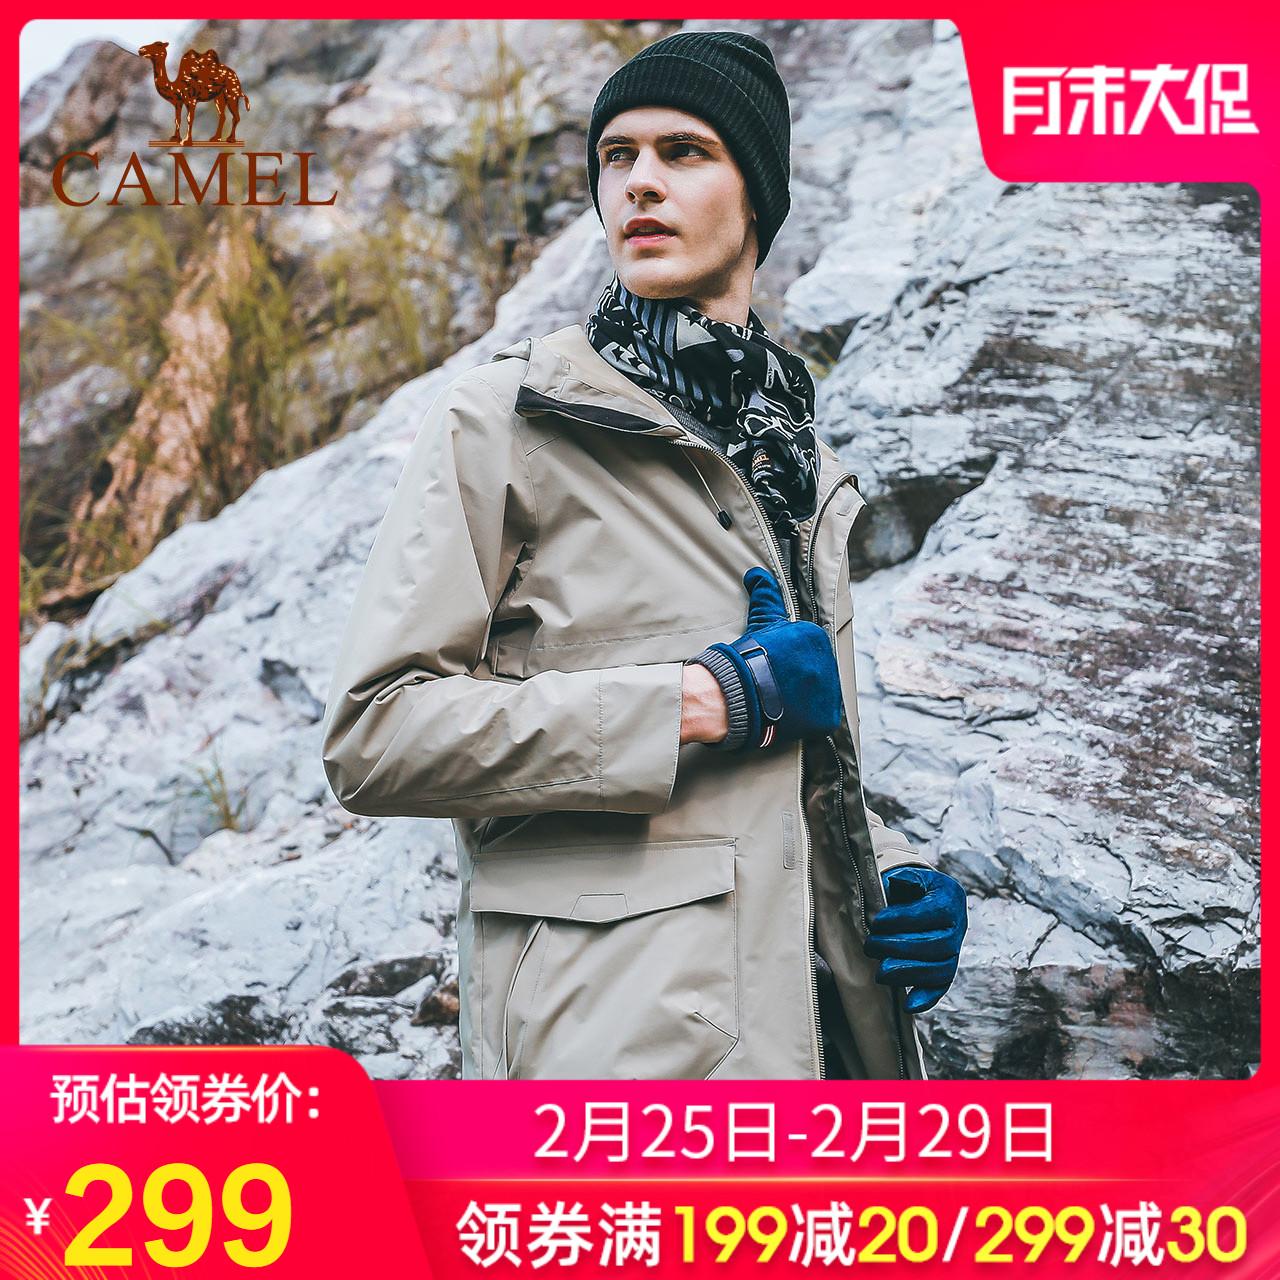 骆驼户外冲锋衣 秋冬男女情侣单层防风衣中长款登山服休闲外套潮